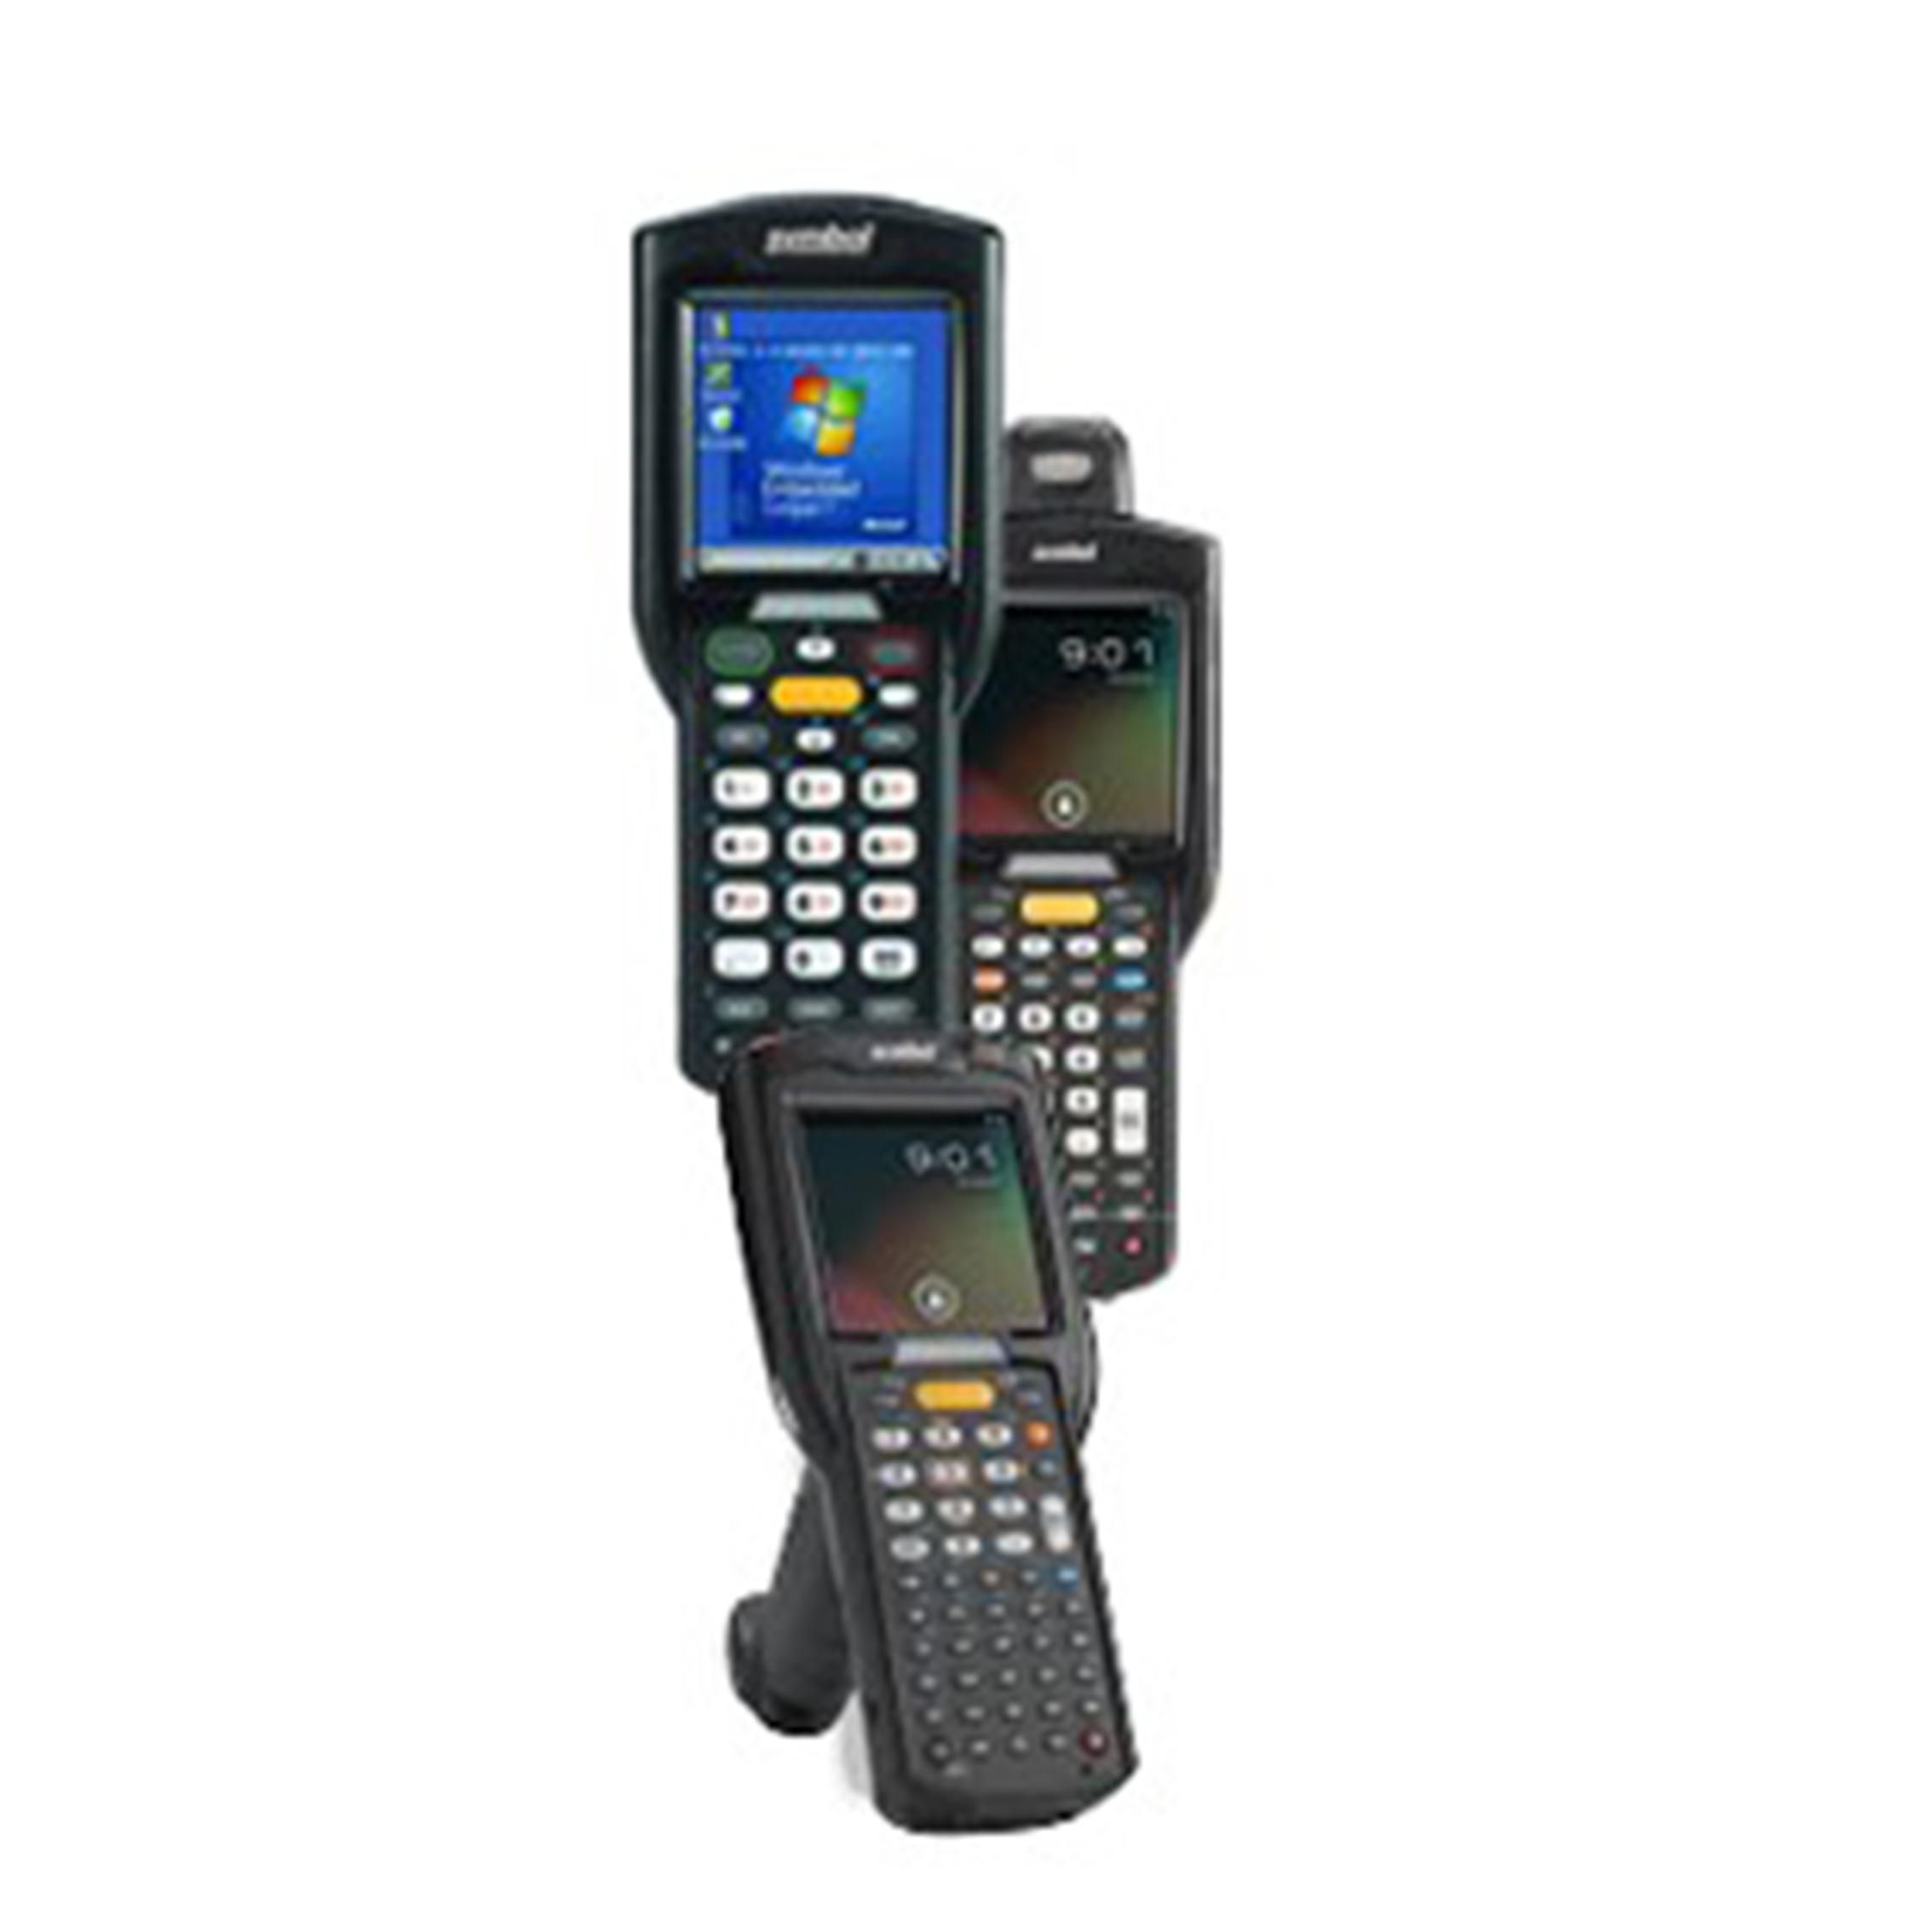 斑馬MC3200/32N0系列數據采集器